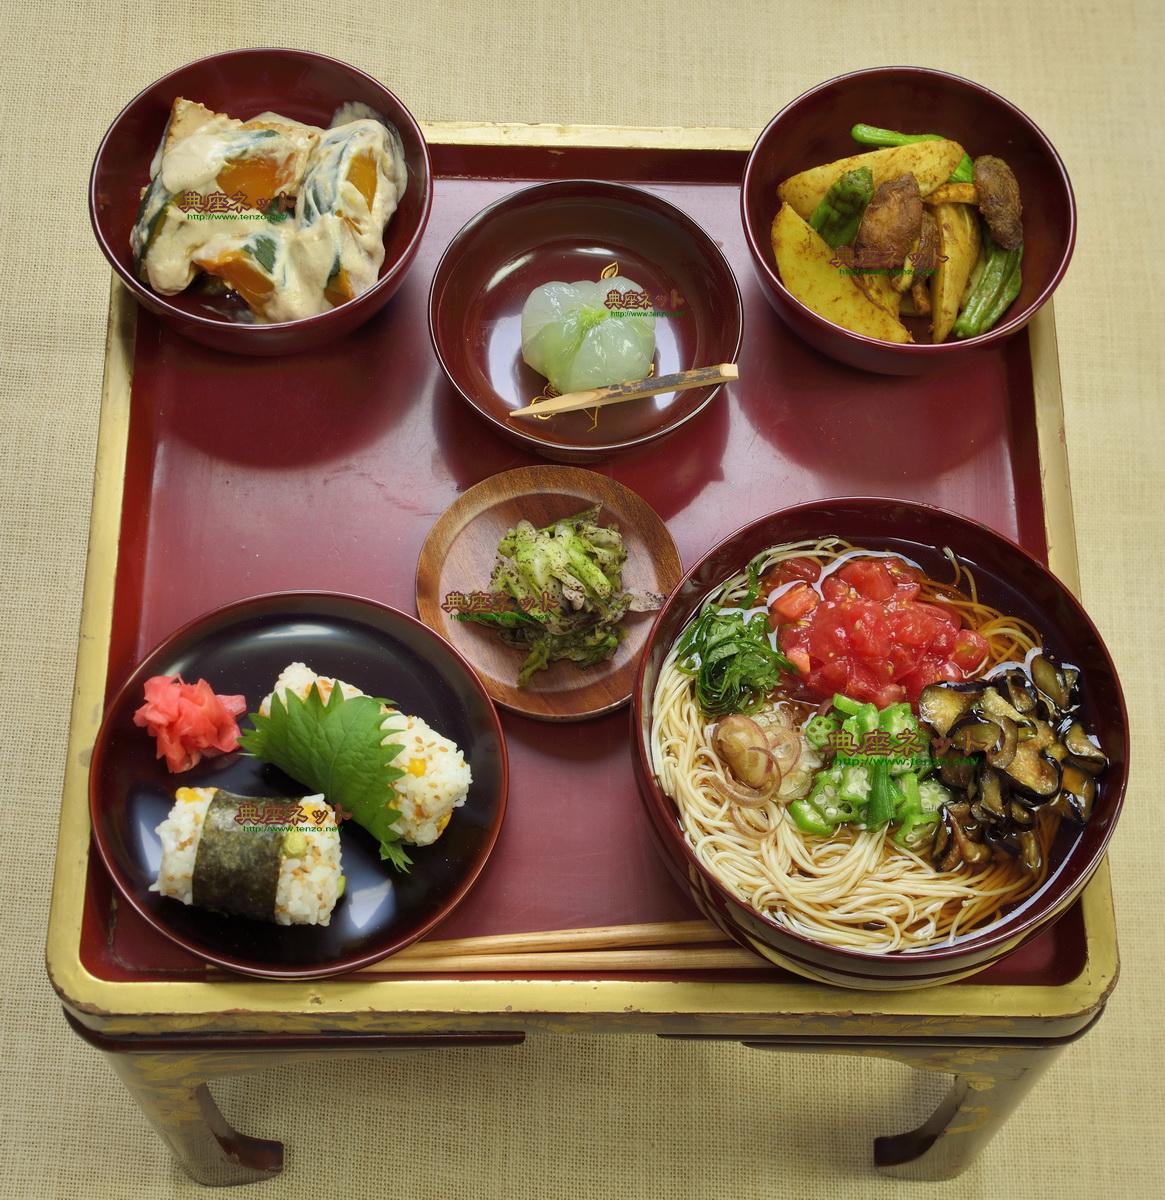 平成30年8月盆のお供え精進料理膳